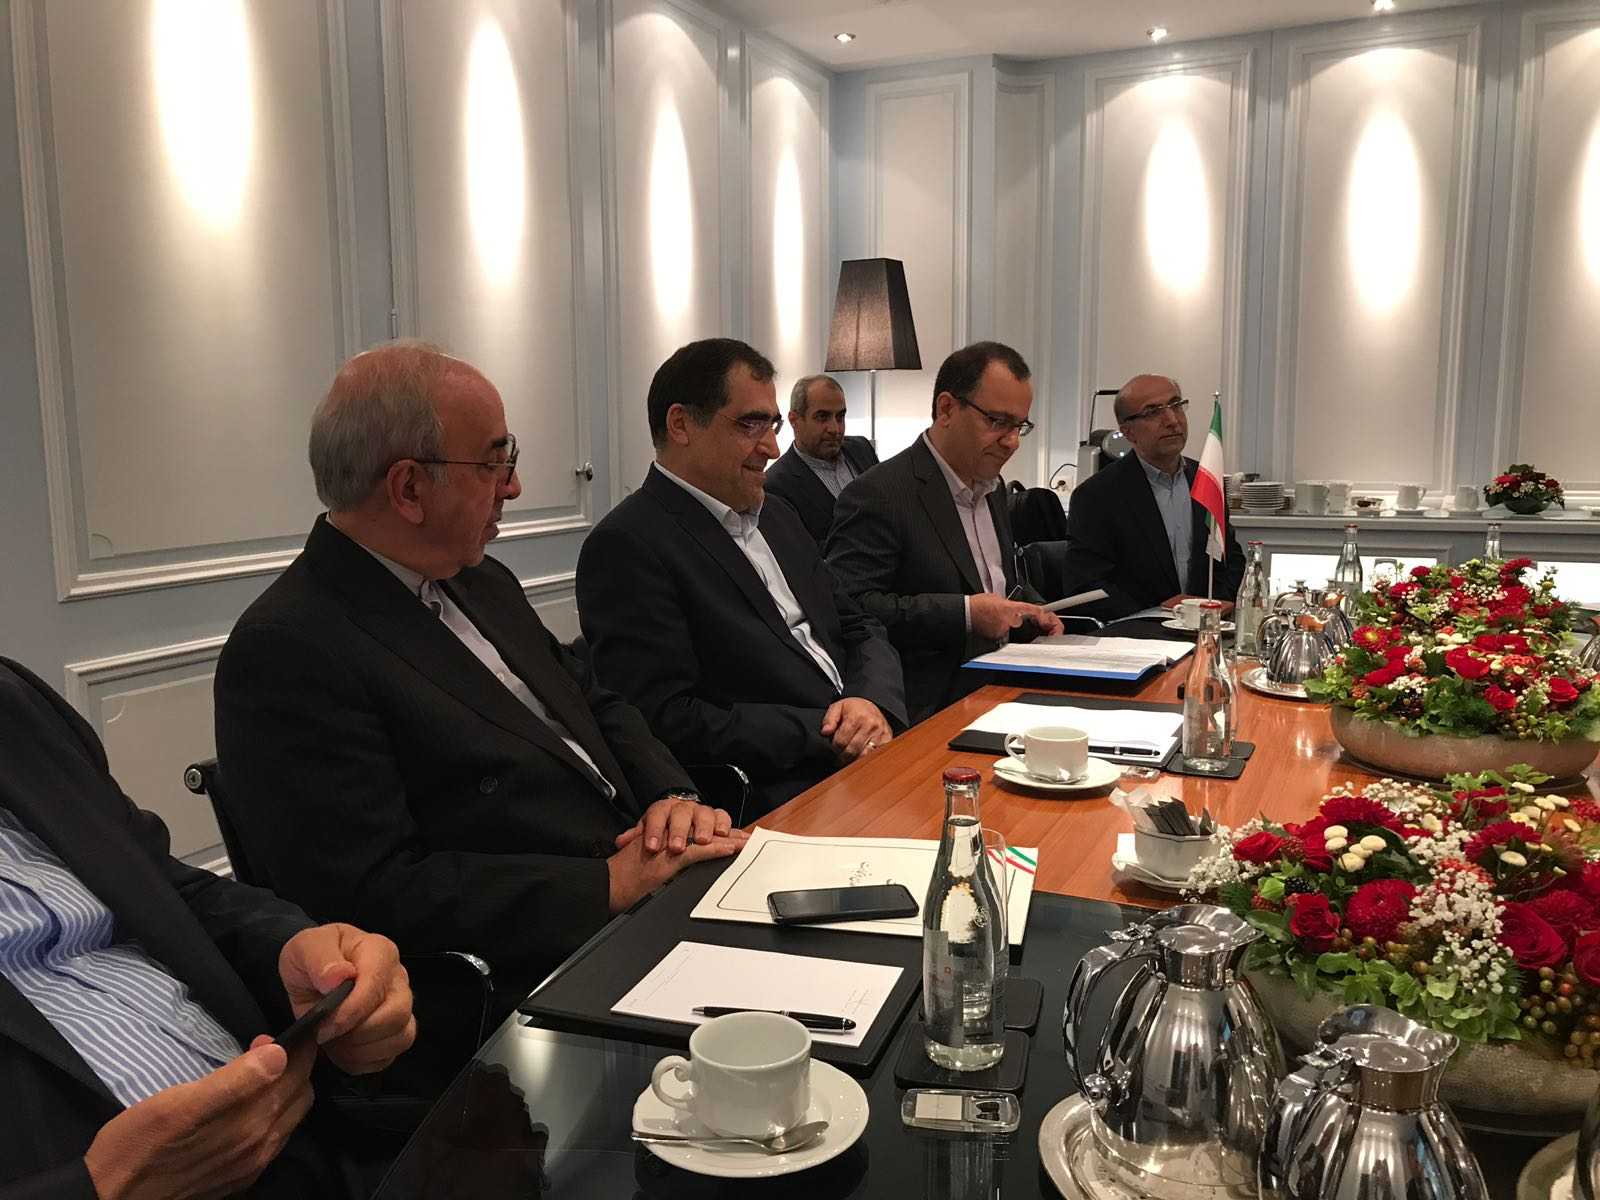 مدیر عامل ایدرو با وزیر اقتصاد سوئیس دیدار کرد